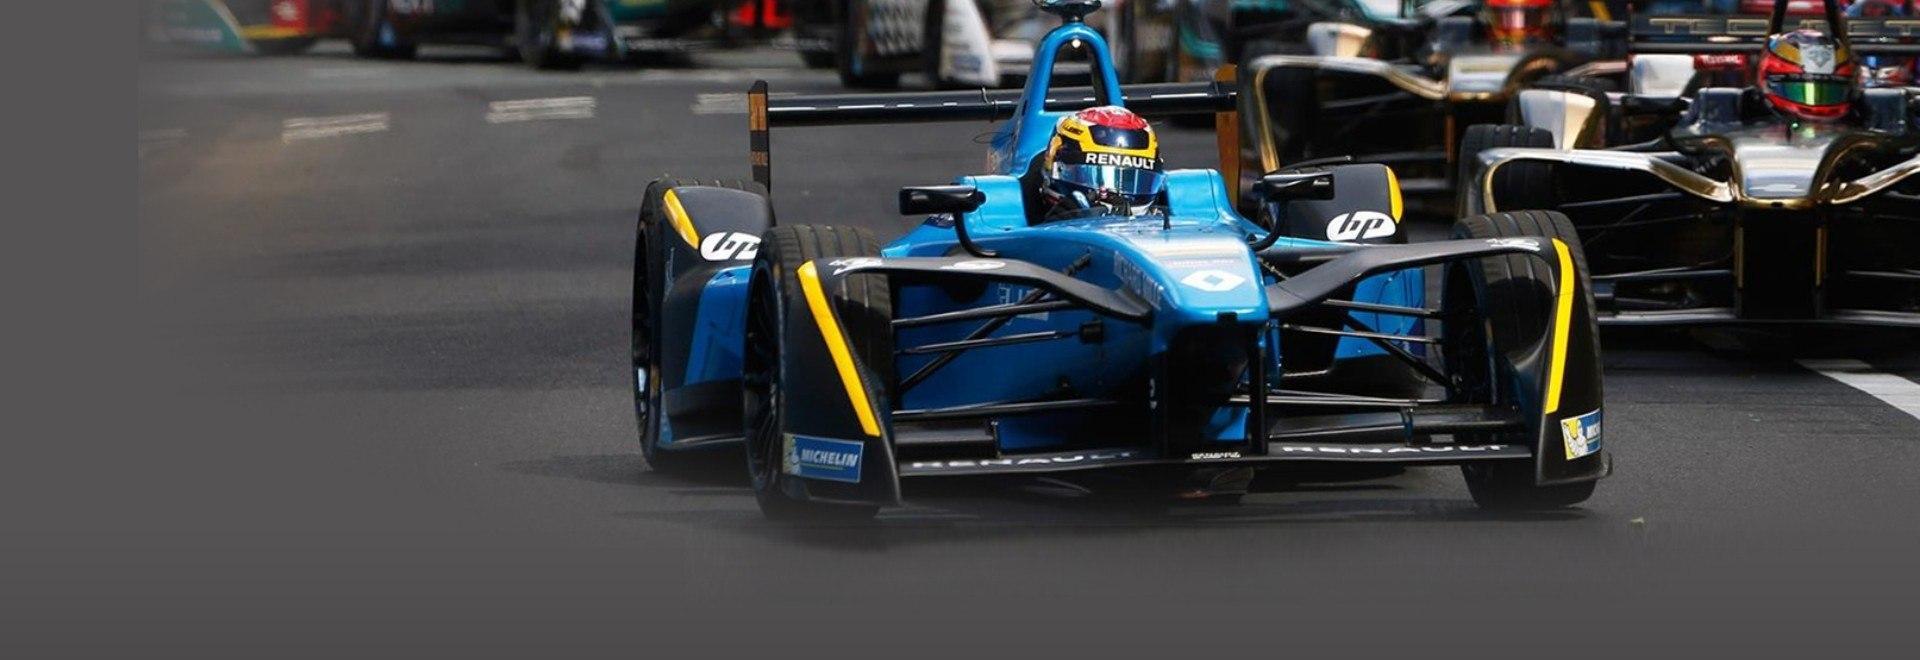 Formula E Inside the Team